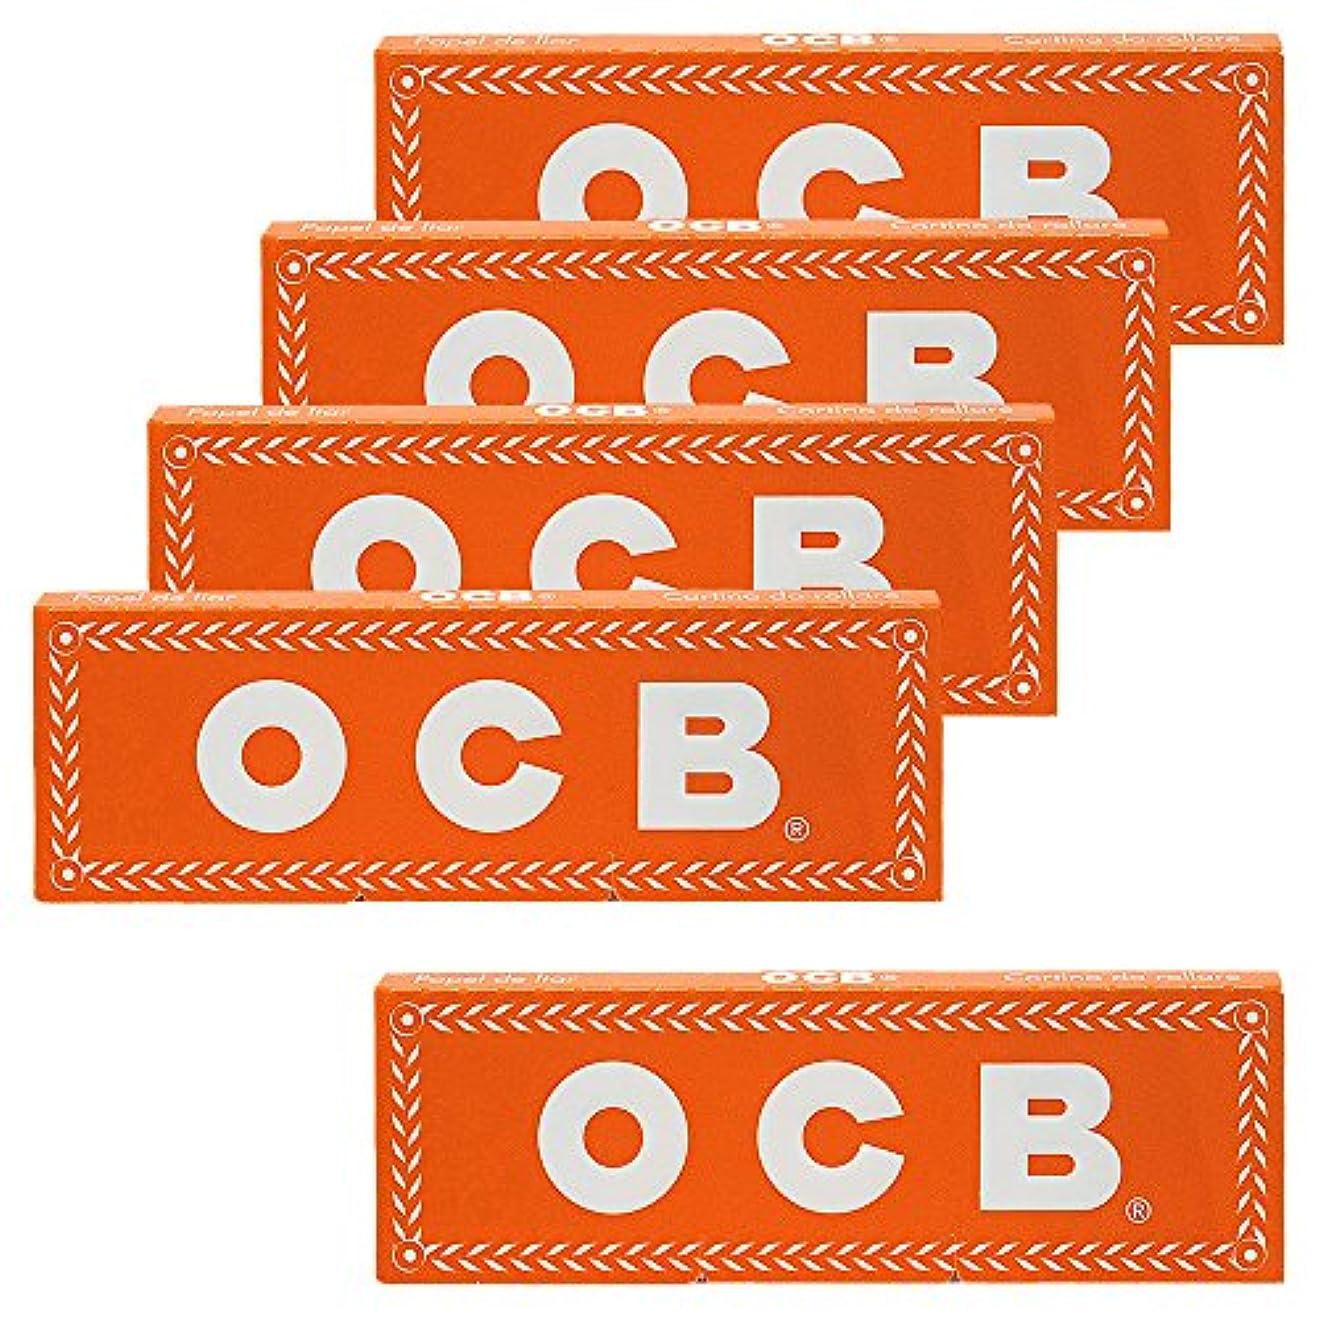 森林乞食引退した柘製作所(tsuge) OCB オレンジシングル [フリーバーニング ? 50枚入り] #78920 ×5パック